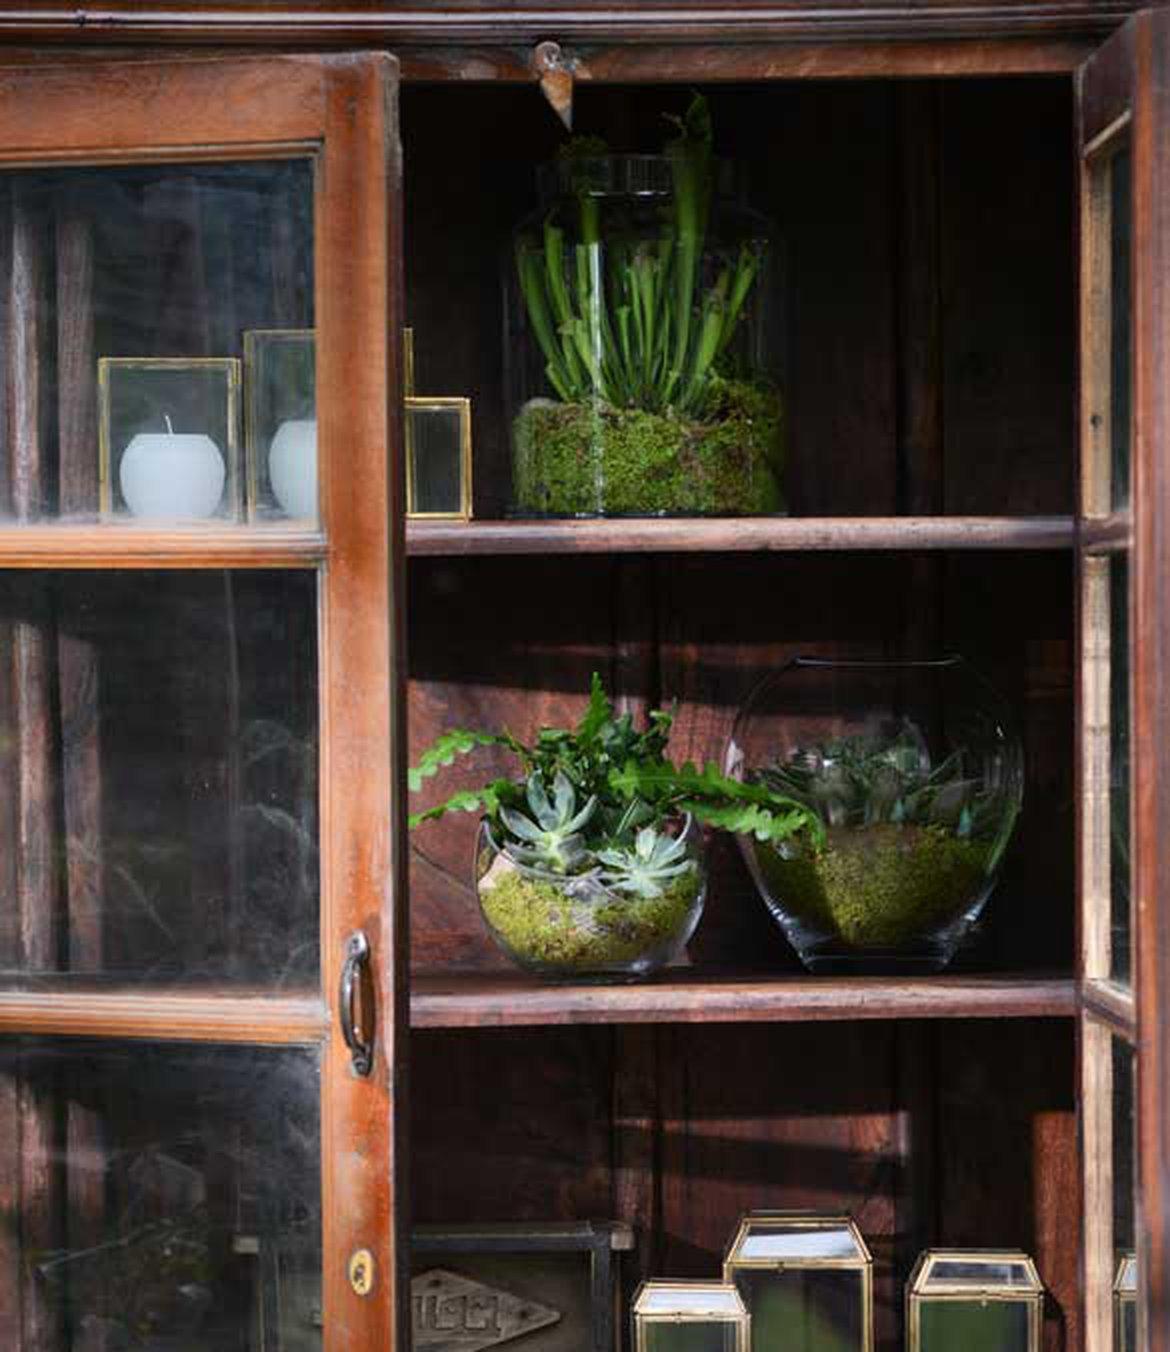 Plantes Pour Tableau Végétal Intérieur intégrer du végétal dans votre décoration d'intérieur